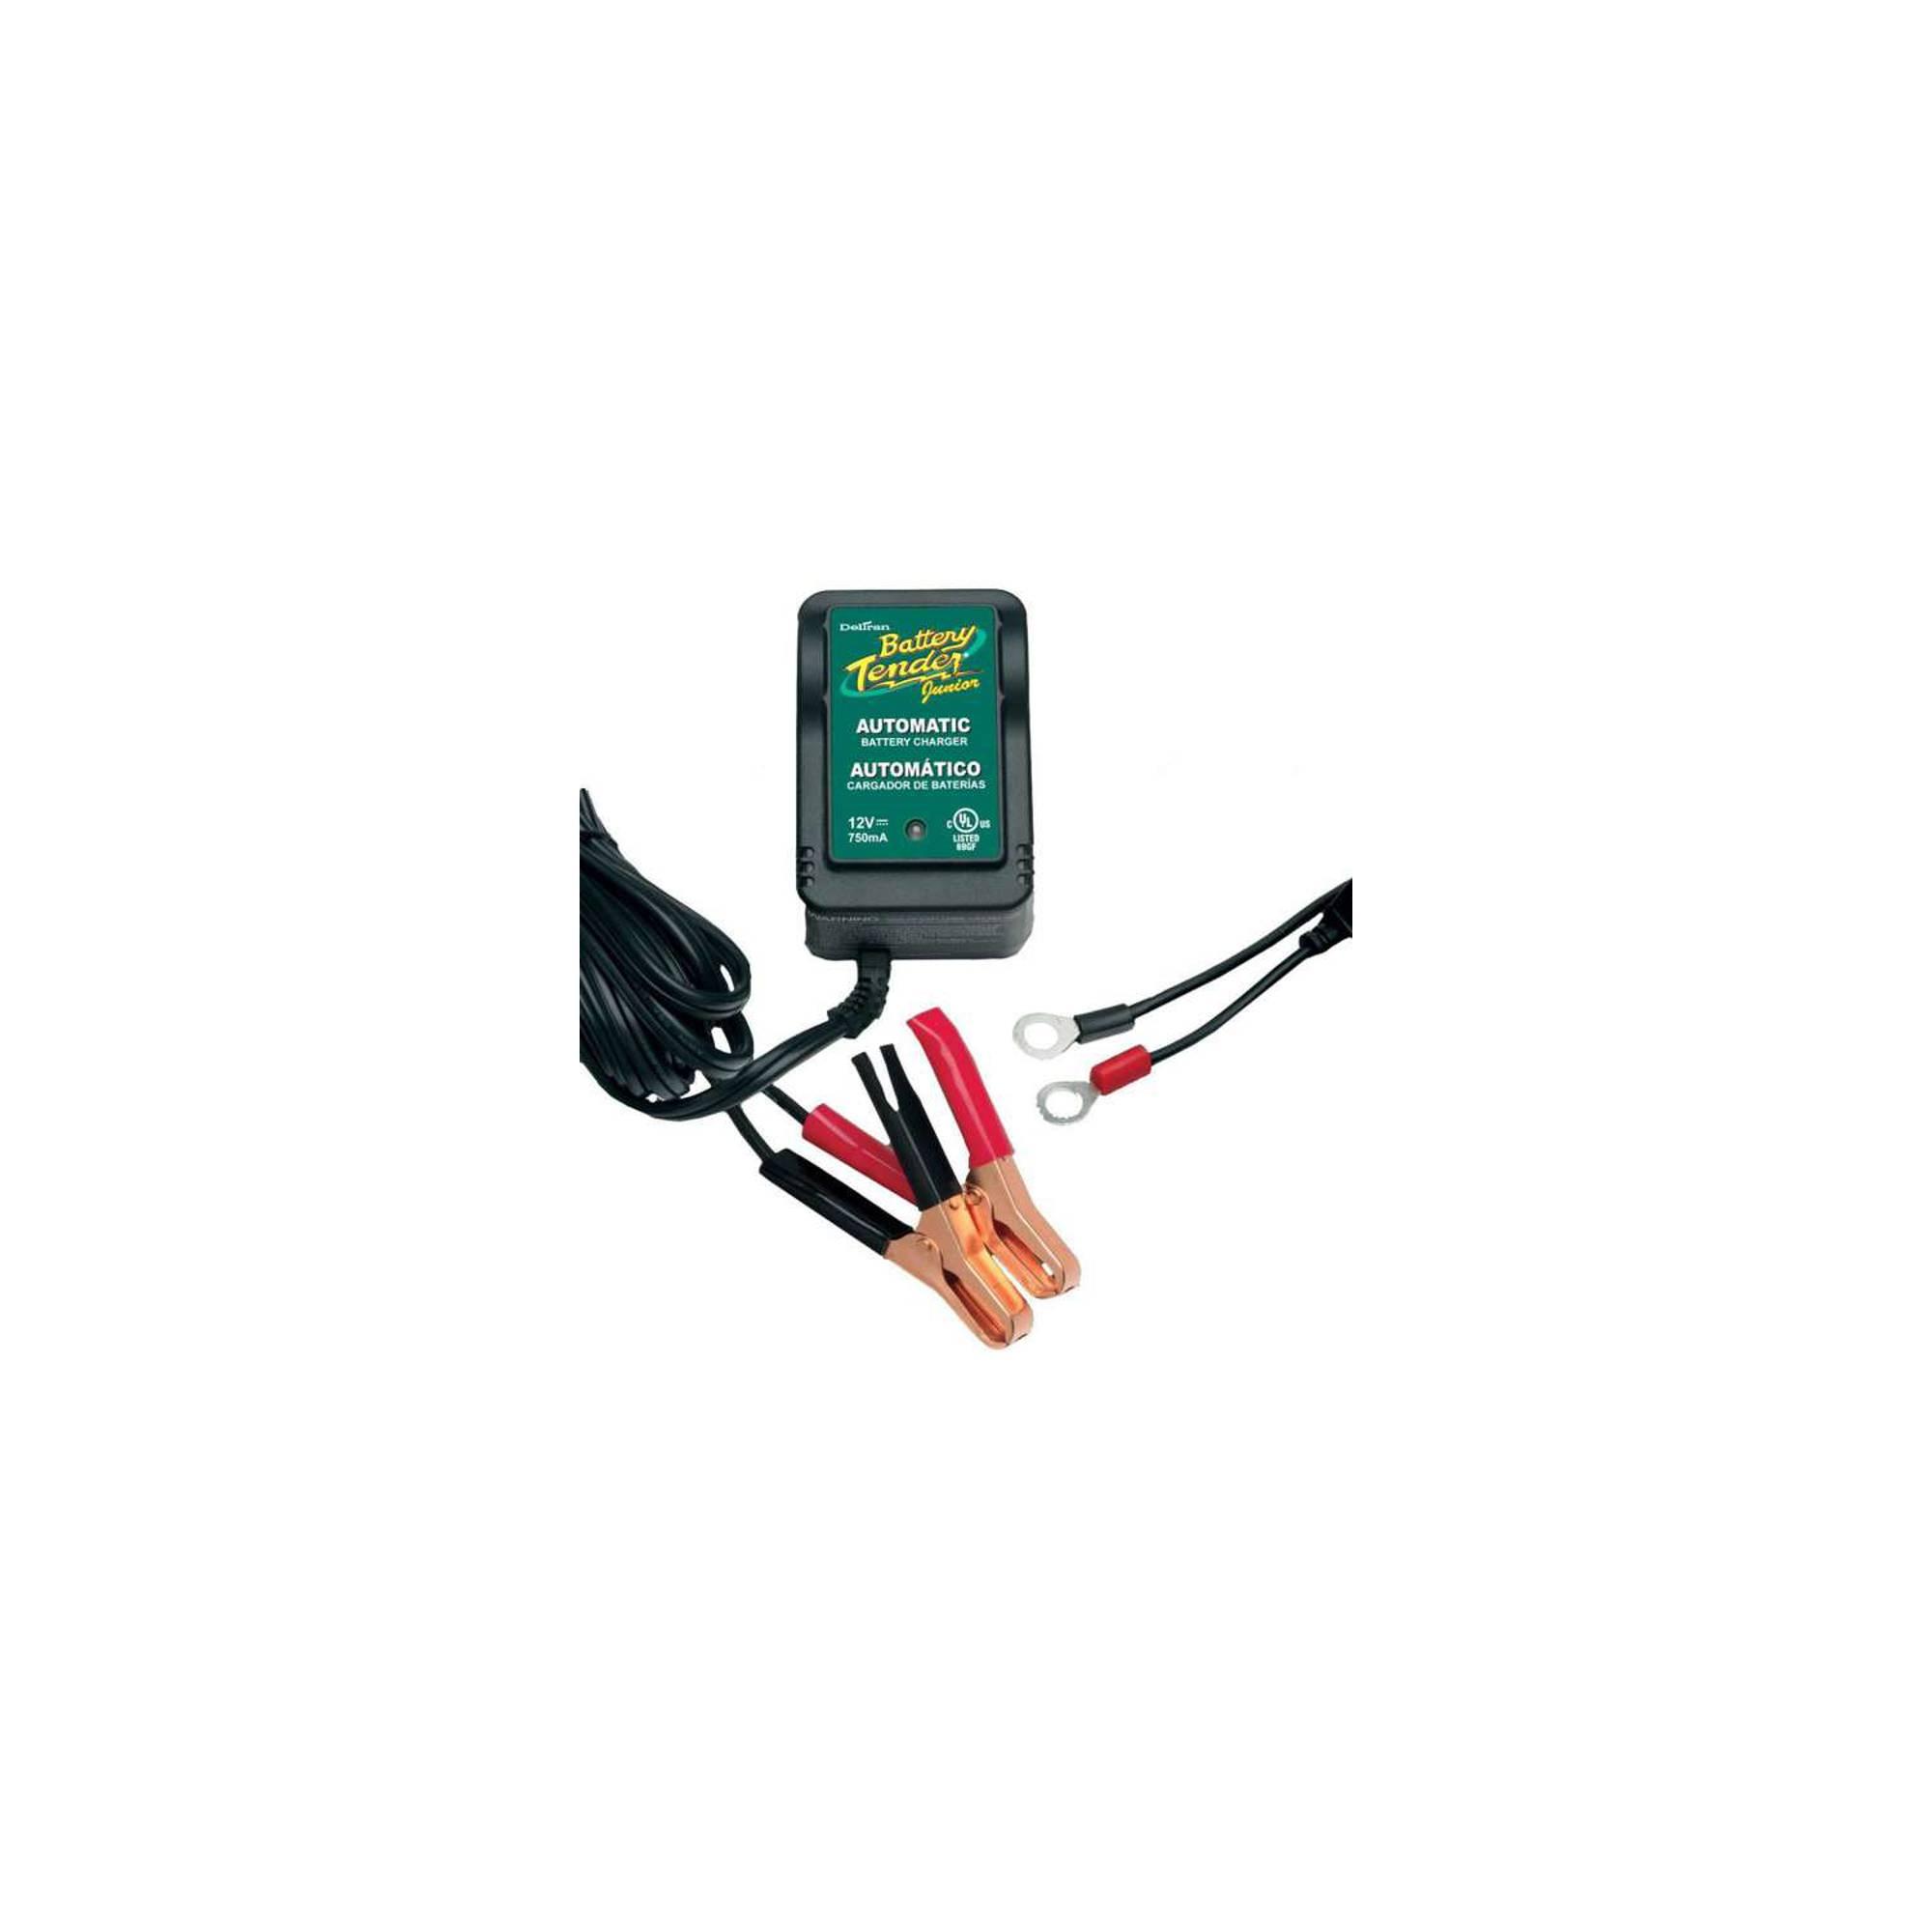 Eckler S Premier Products 50 Battery Tender Junior